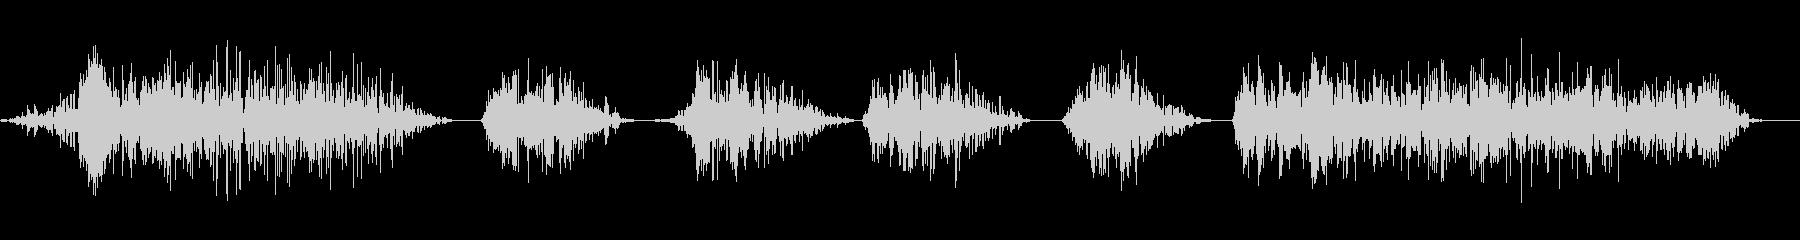 ワーハッハッハ4の未再生の波形